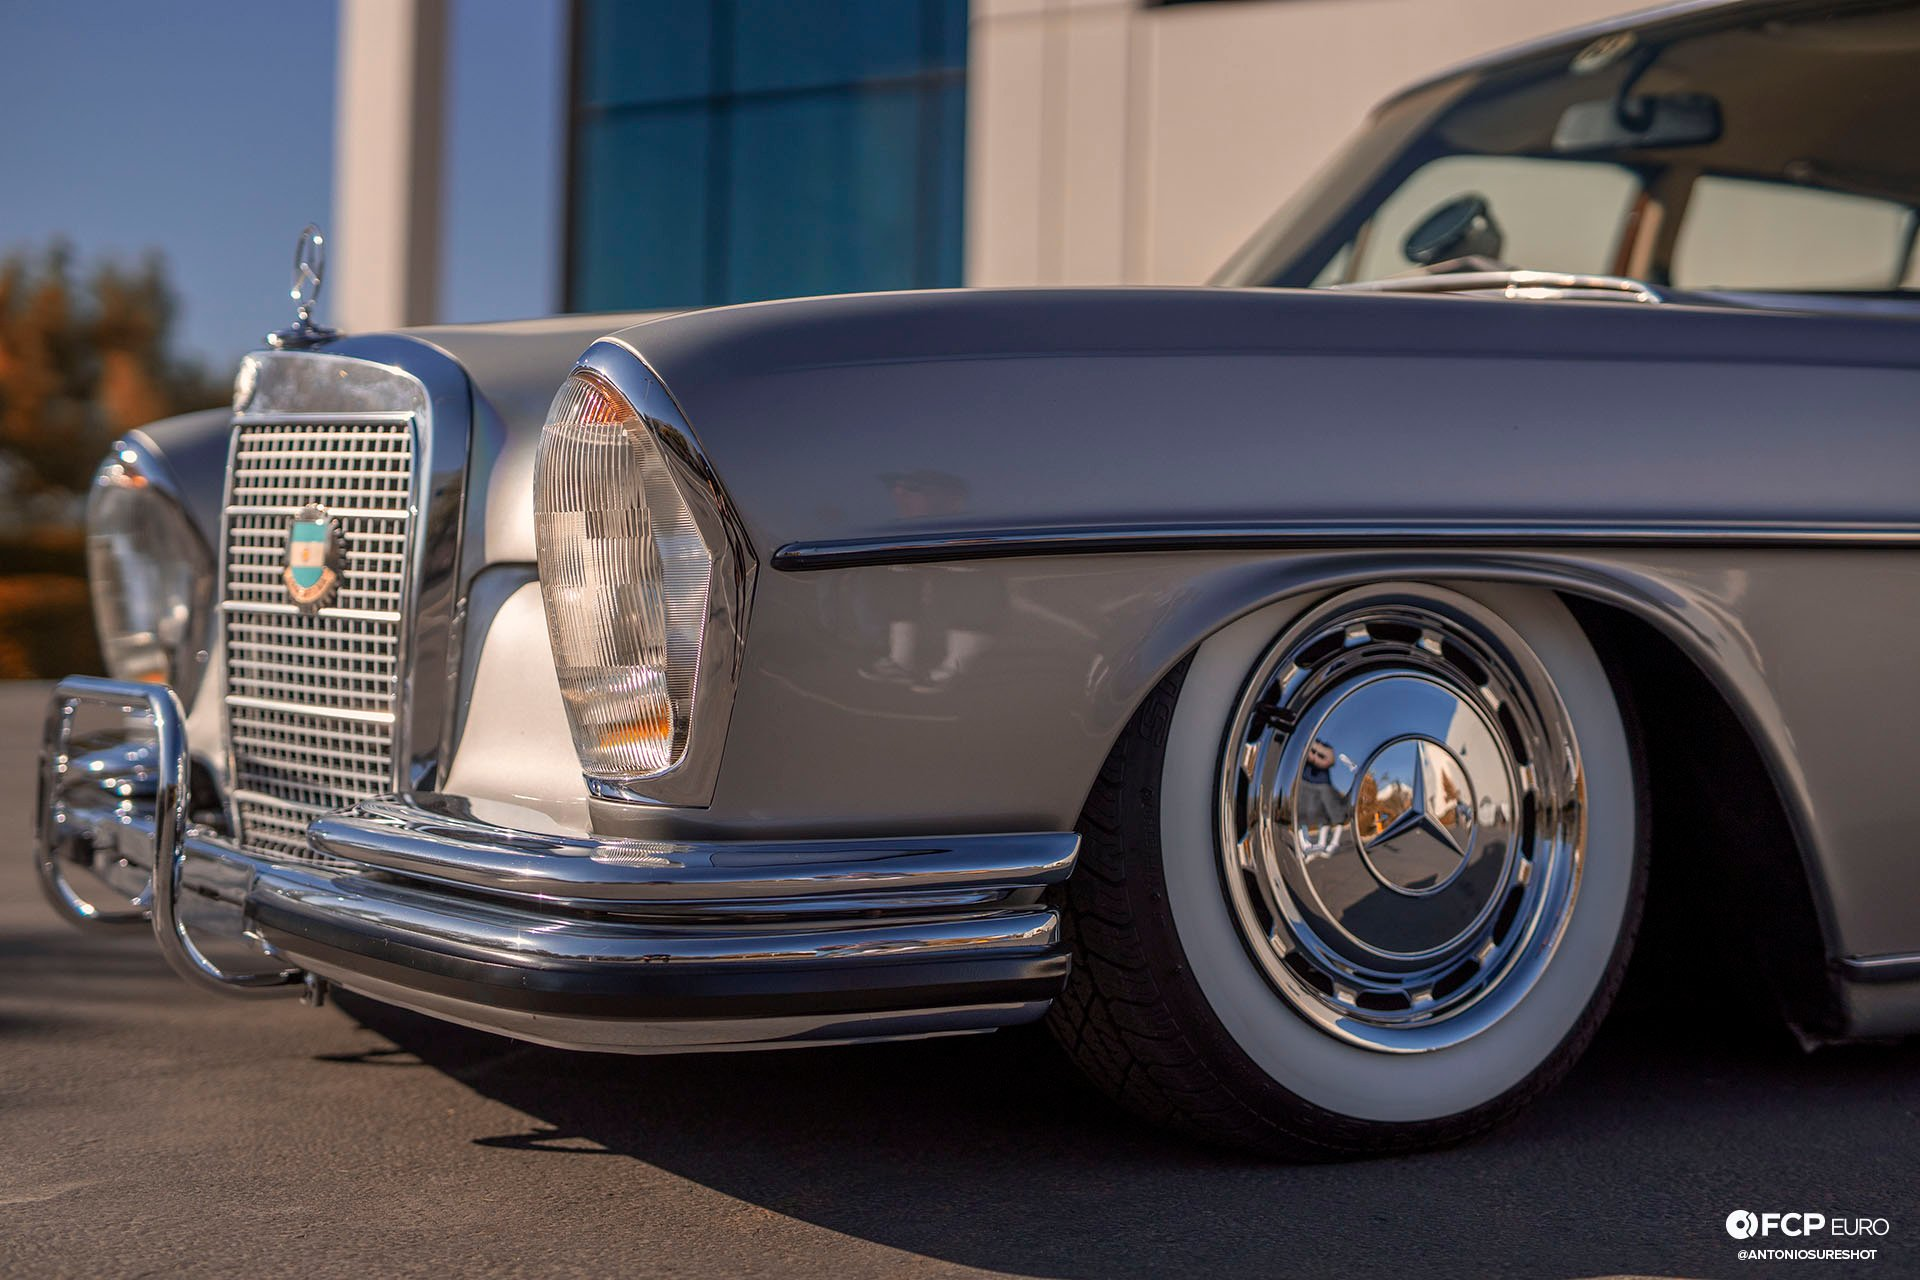 RHD 1972 Mercedes W108 280SE EOSR9795